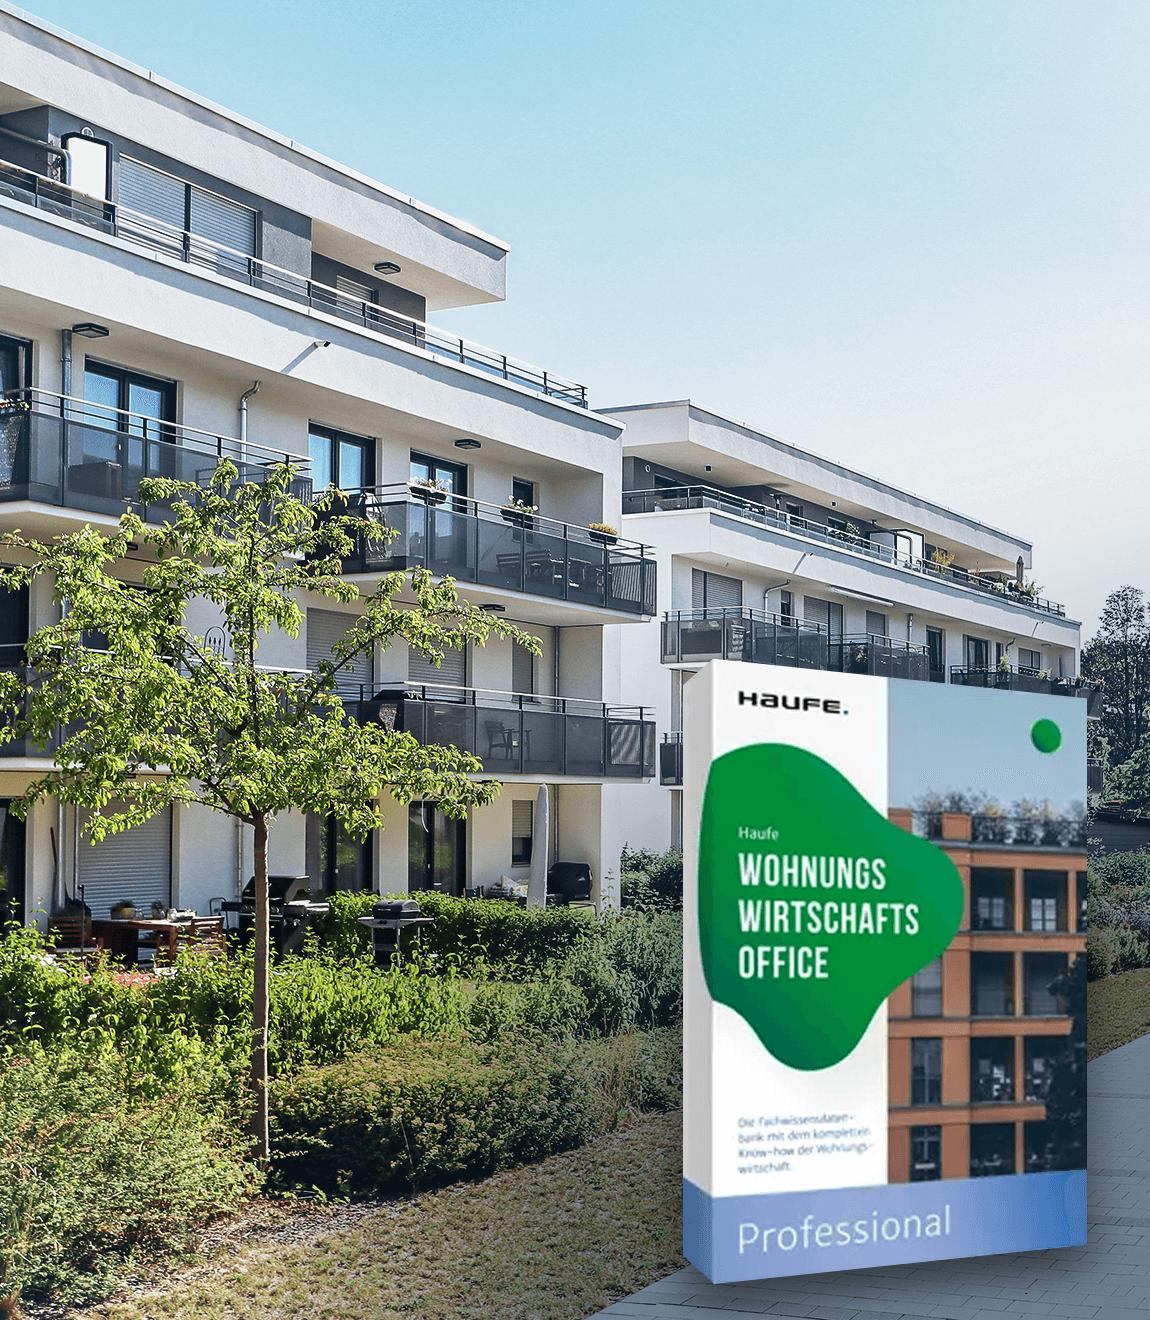 Produktabbildung von Haufe Wohnungswirtschafts Office Professional vor Häuserfront